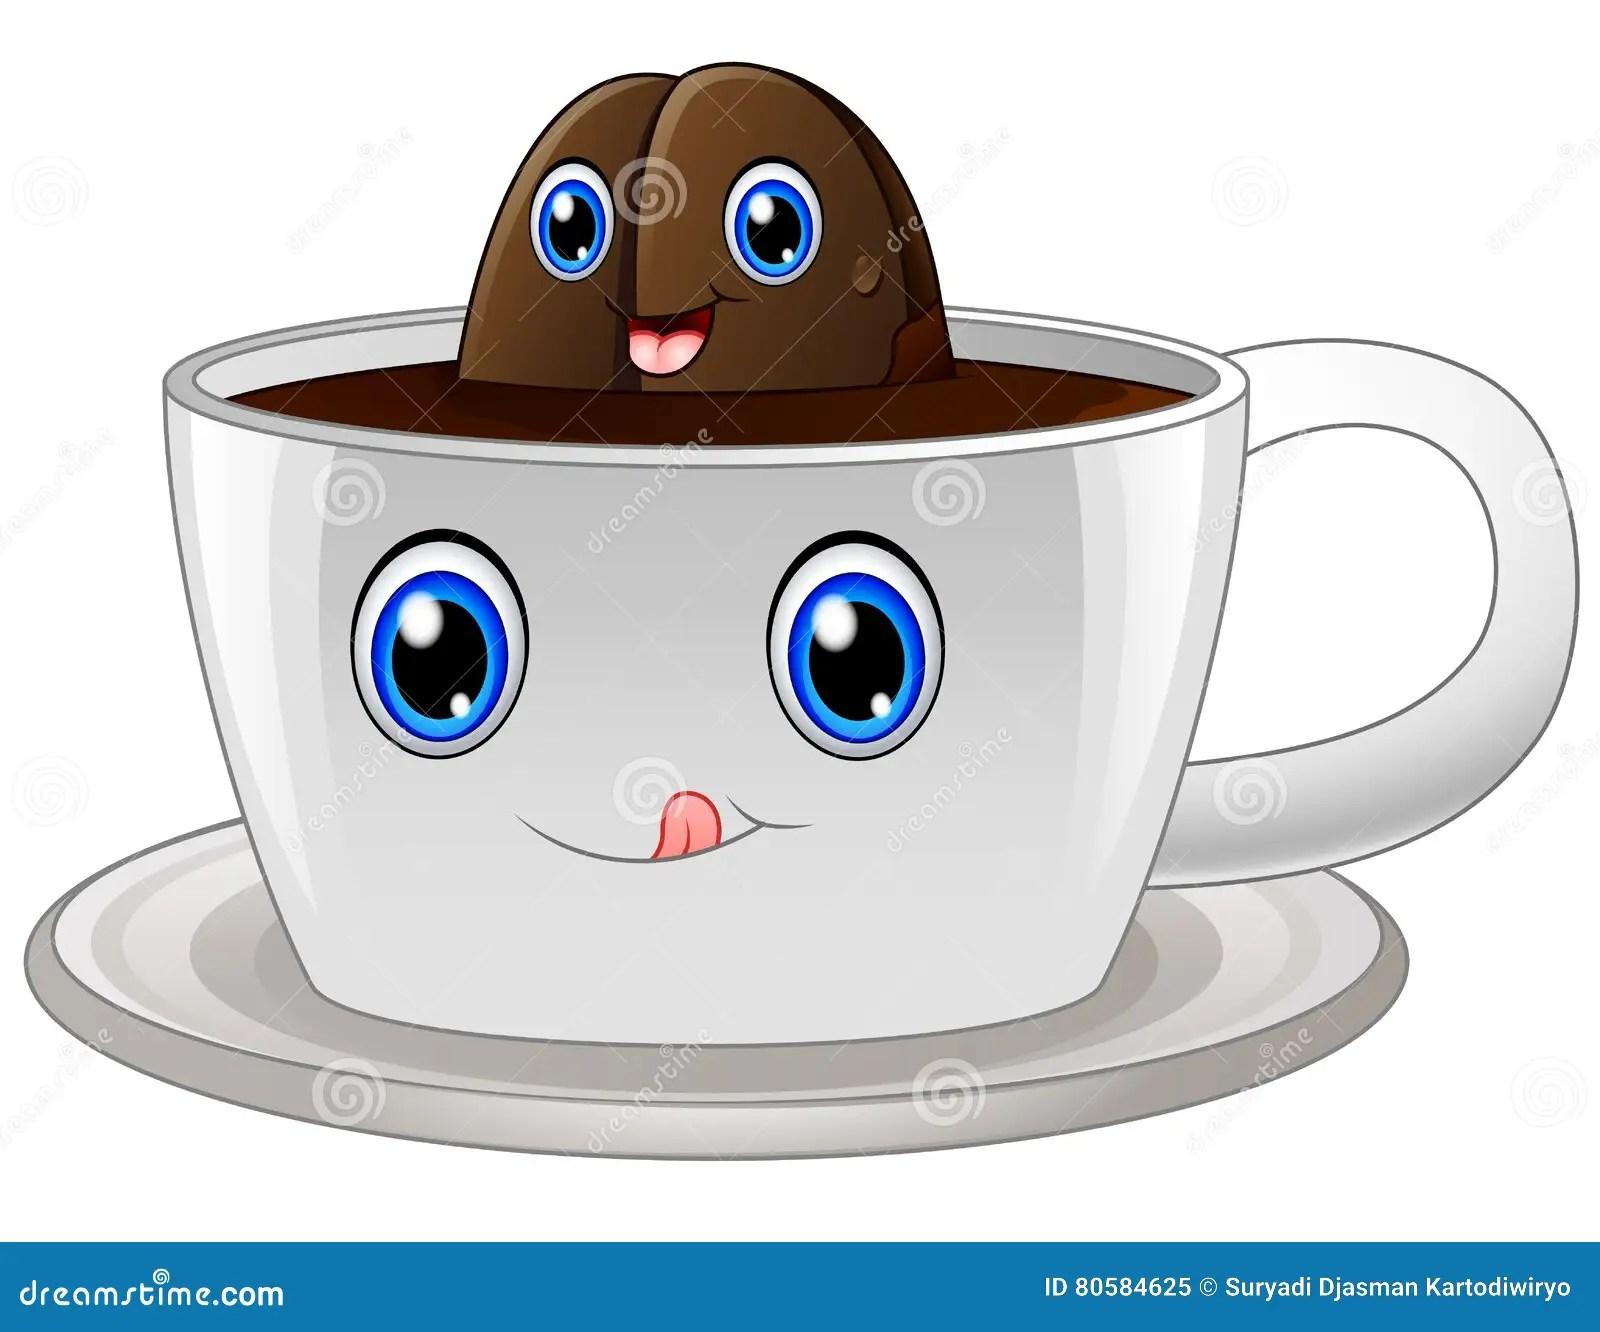 Imagenes De Tazas De Cafe Para Colorear